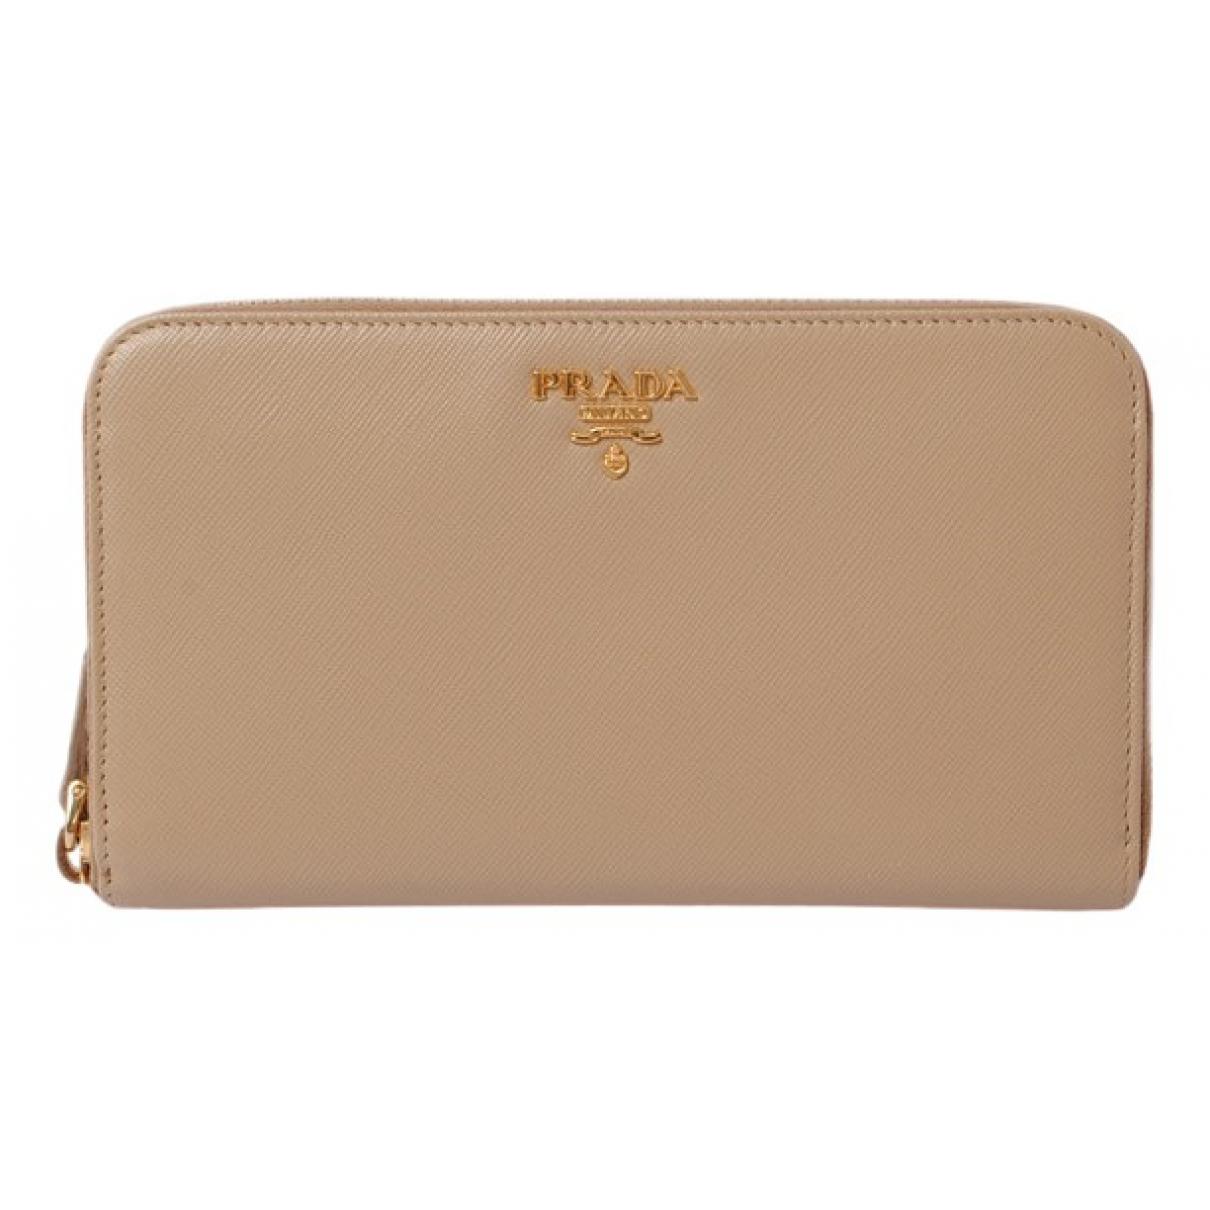 Prada \N Beige Leather wallet for Women \N